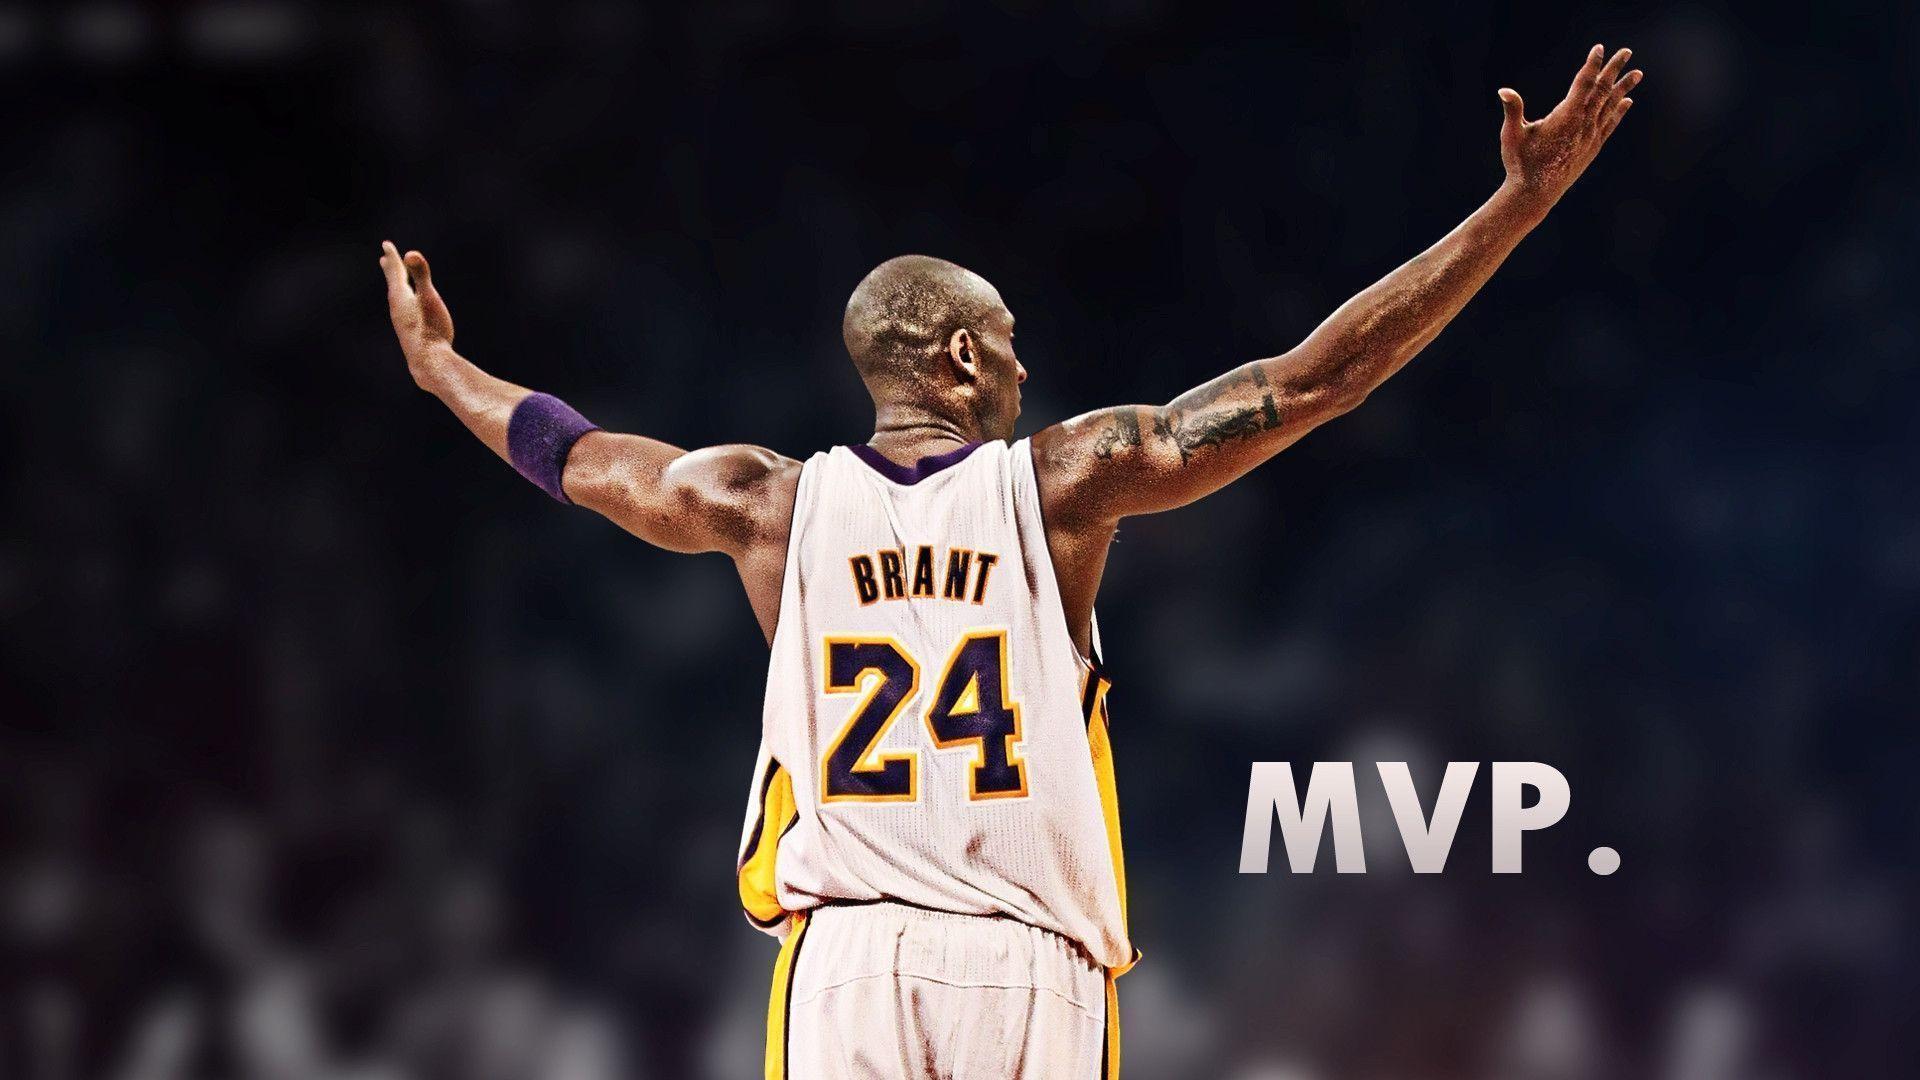 Kobe Bryant MVP Wallpapers HD Wallpaper